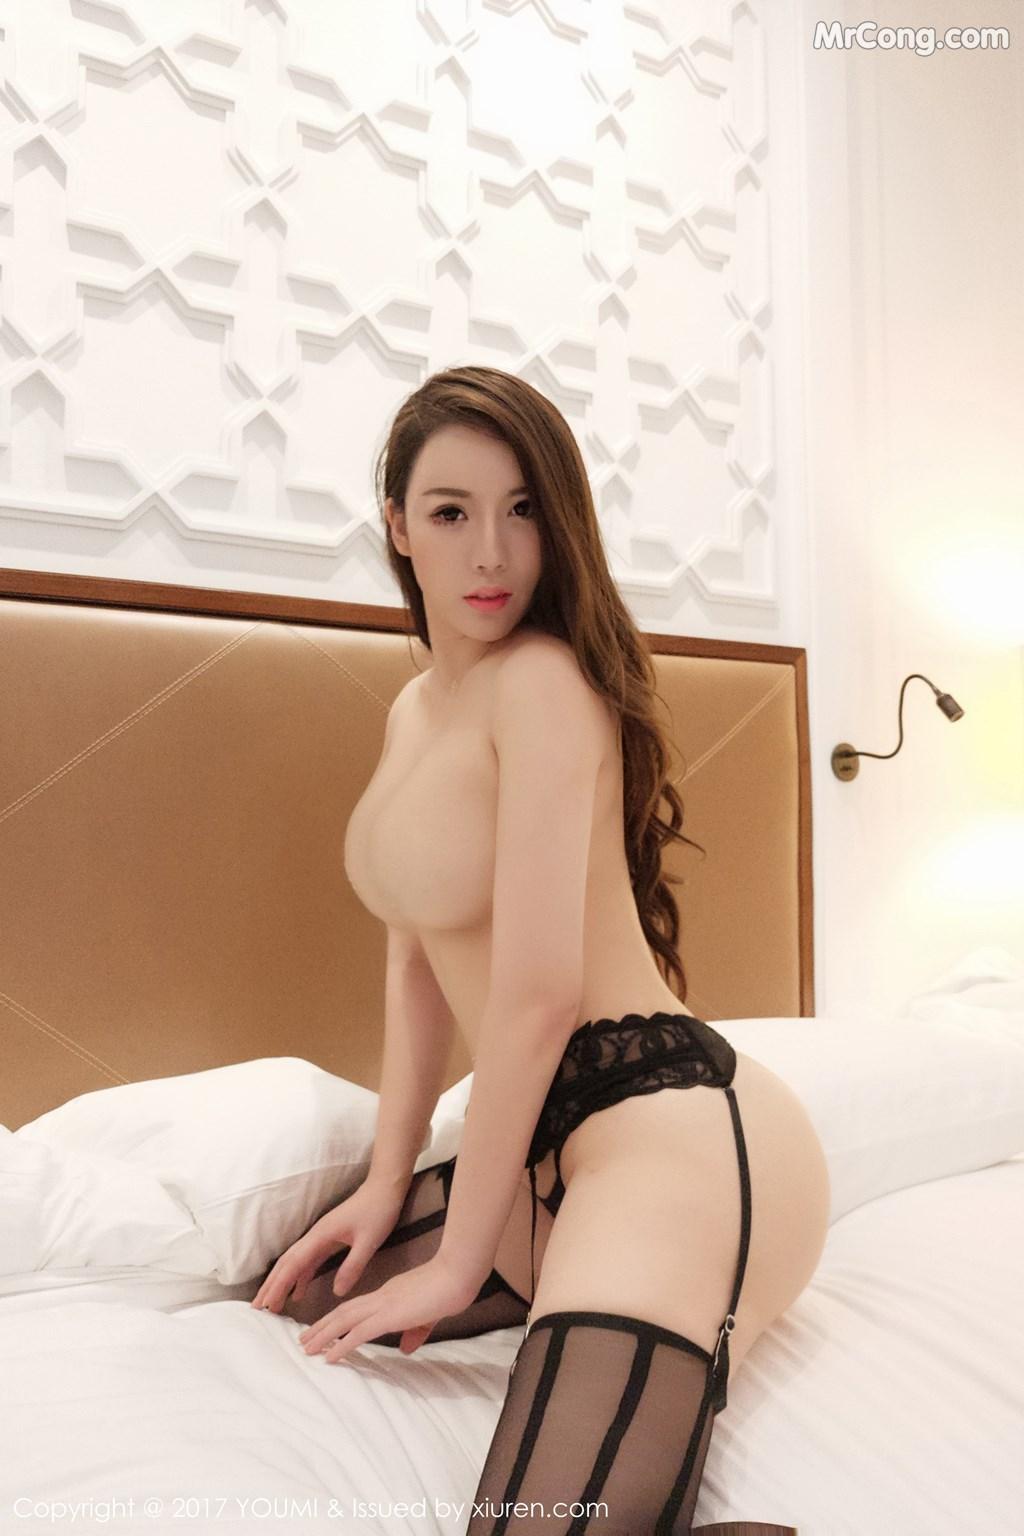 Image YouMi-Vol.076-egg-MrCong.com-013 in post YouMi Vol.076: Người mẫu 蛋蛋_egg (41 ảnh)